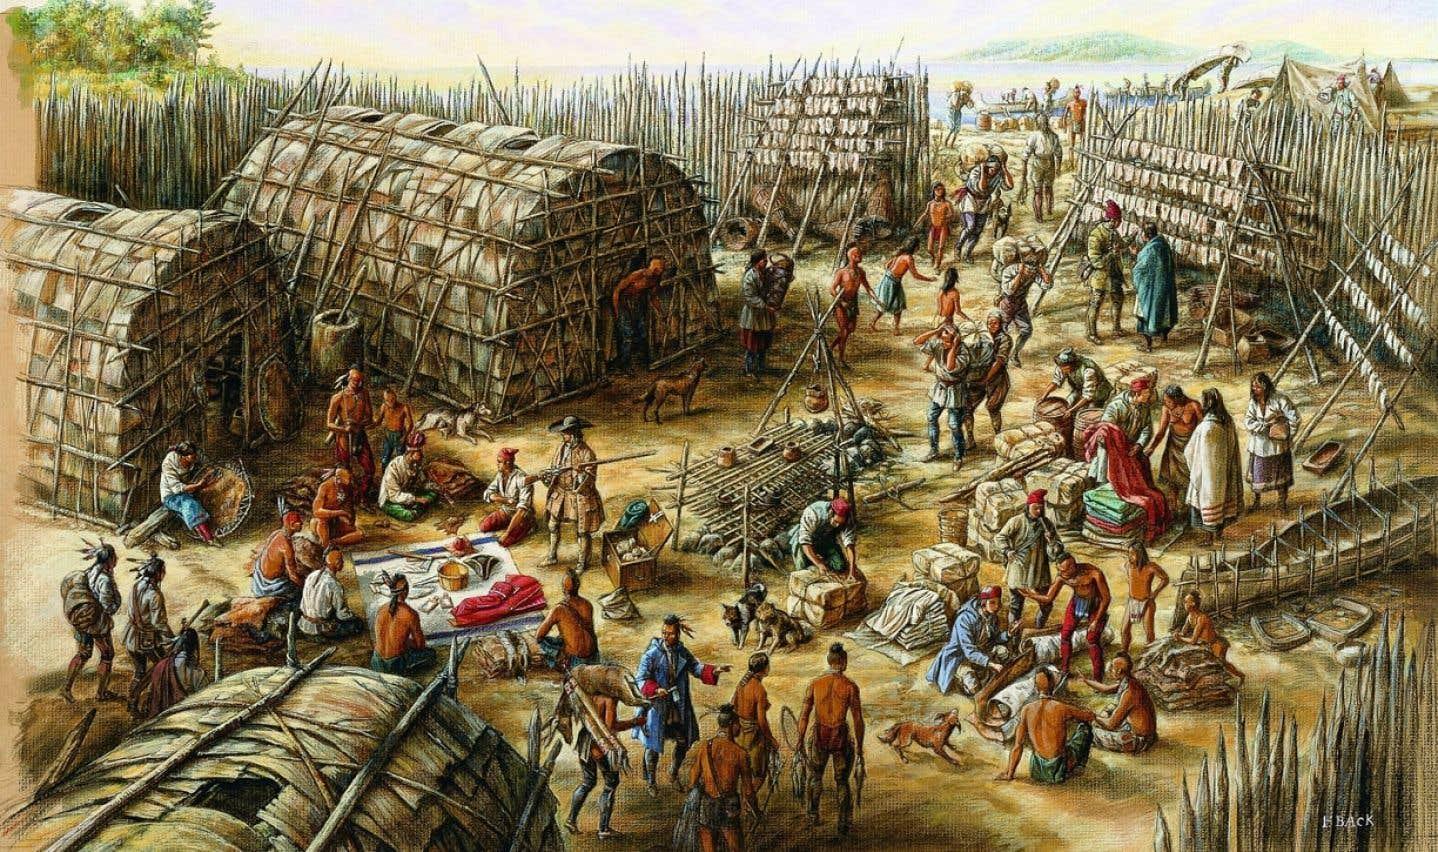 Scène de vie des premiers Montréalais transigeant avec des Amérindiens, illustrée par Francis Back.